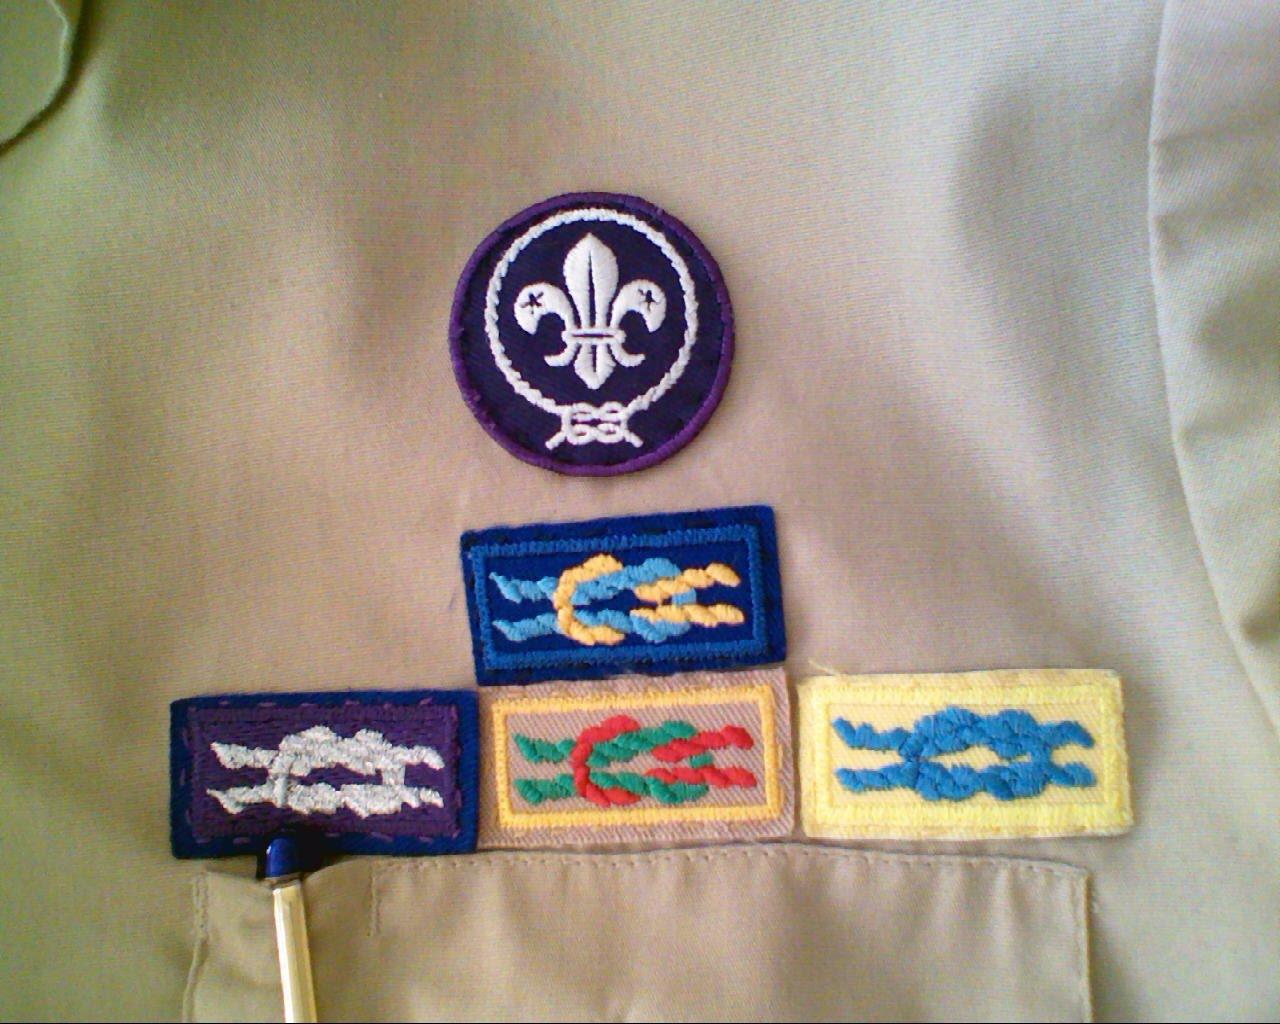 Adult cub scout religious emblem